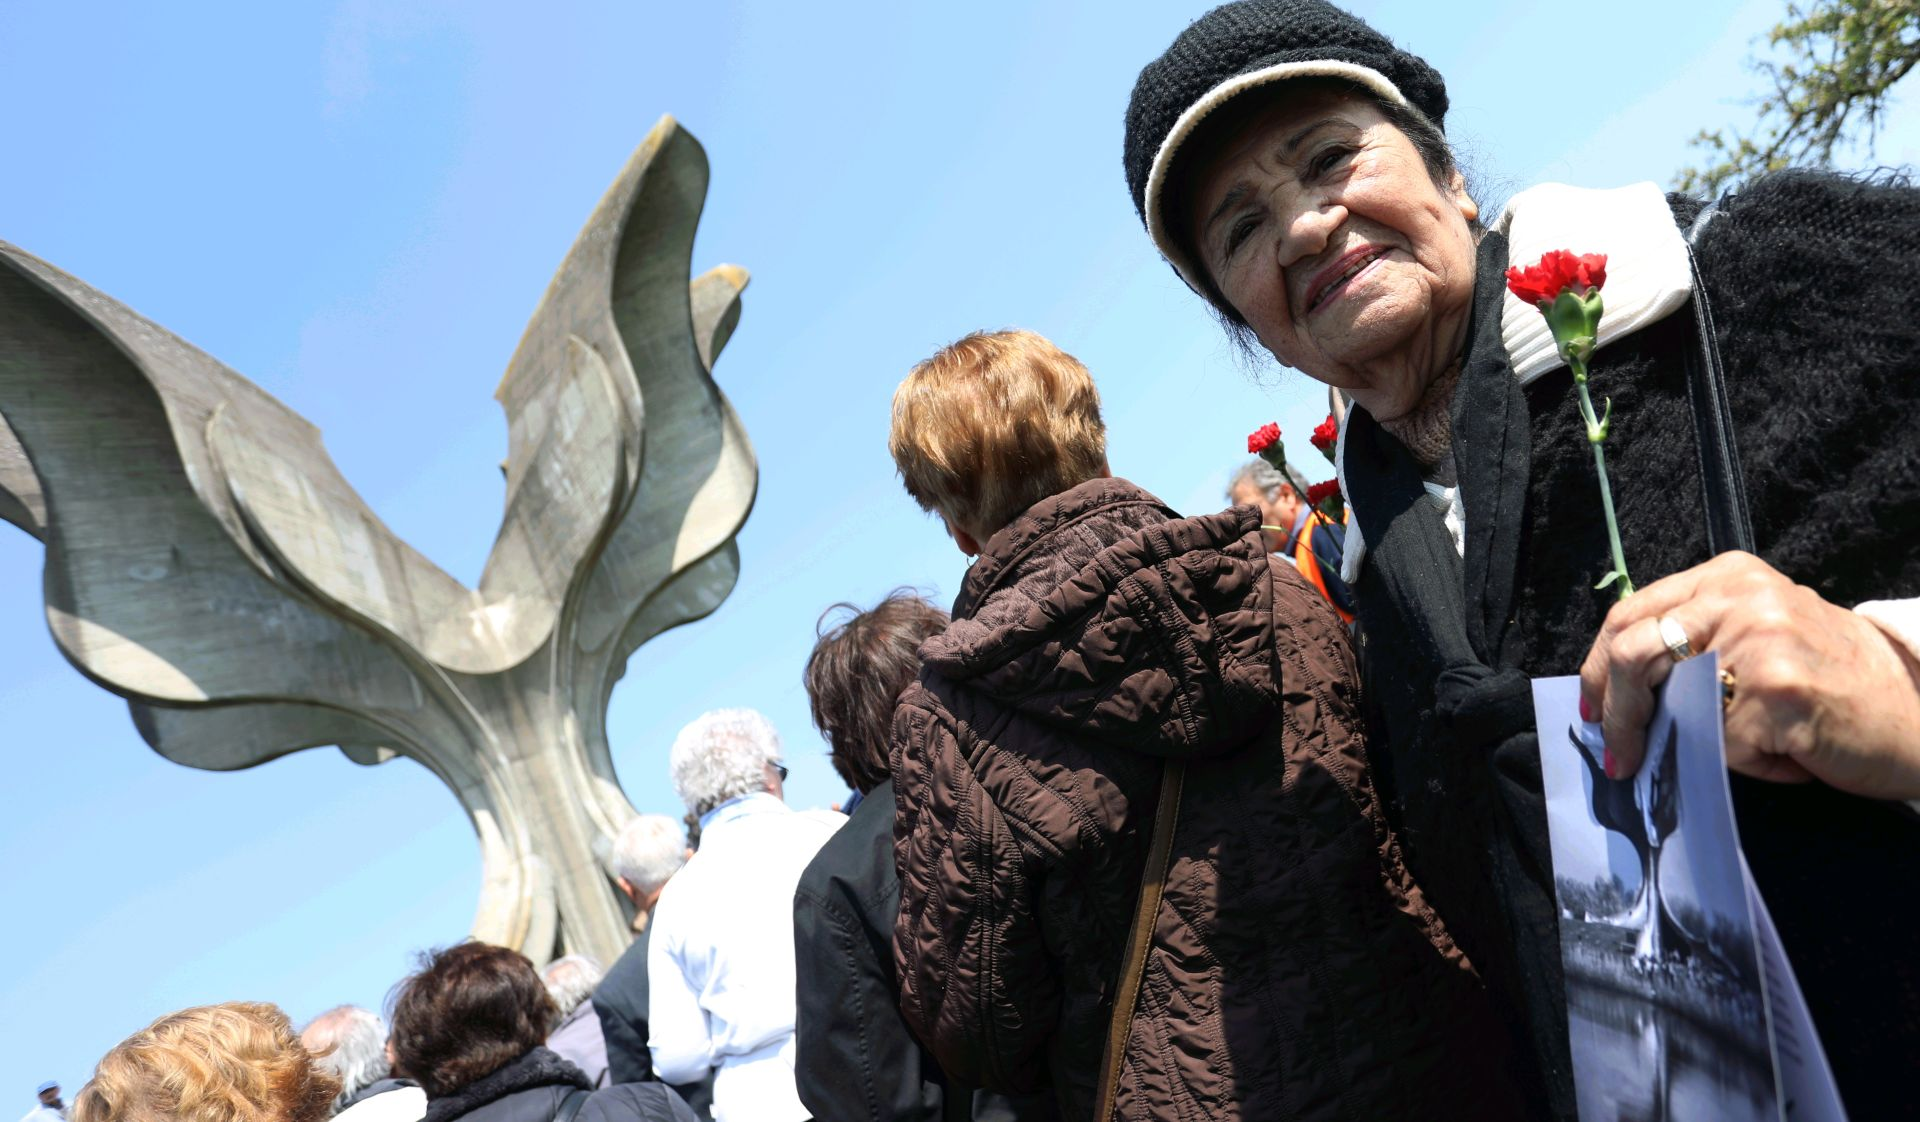 Komemoracija žrtvama Jasenovca u organizaciji Saveza antifašističkih boraca i SNV-a